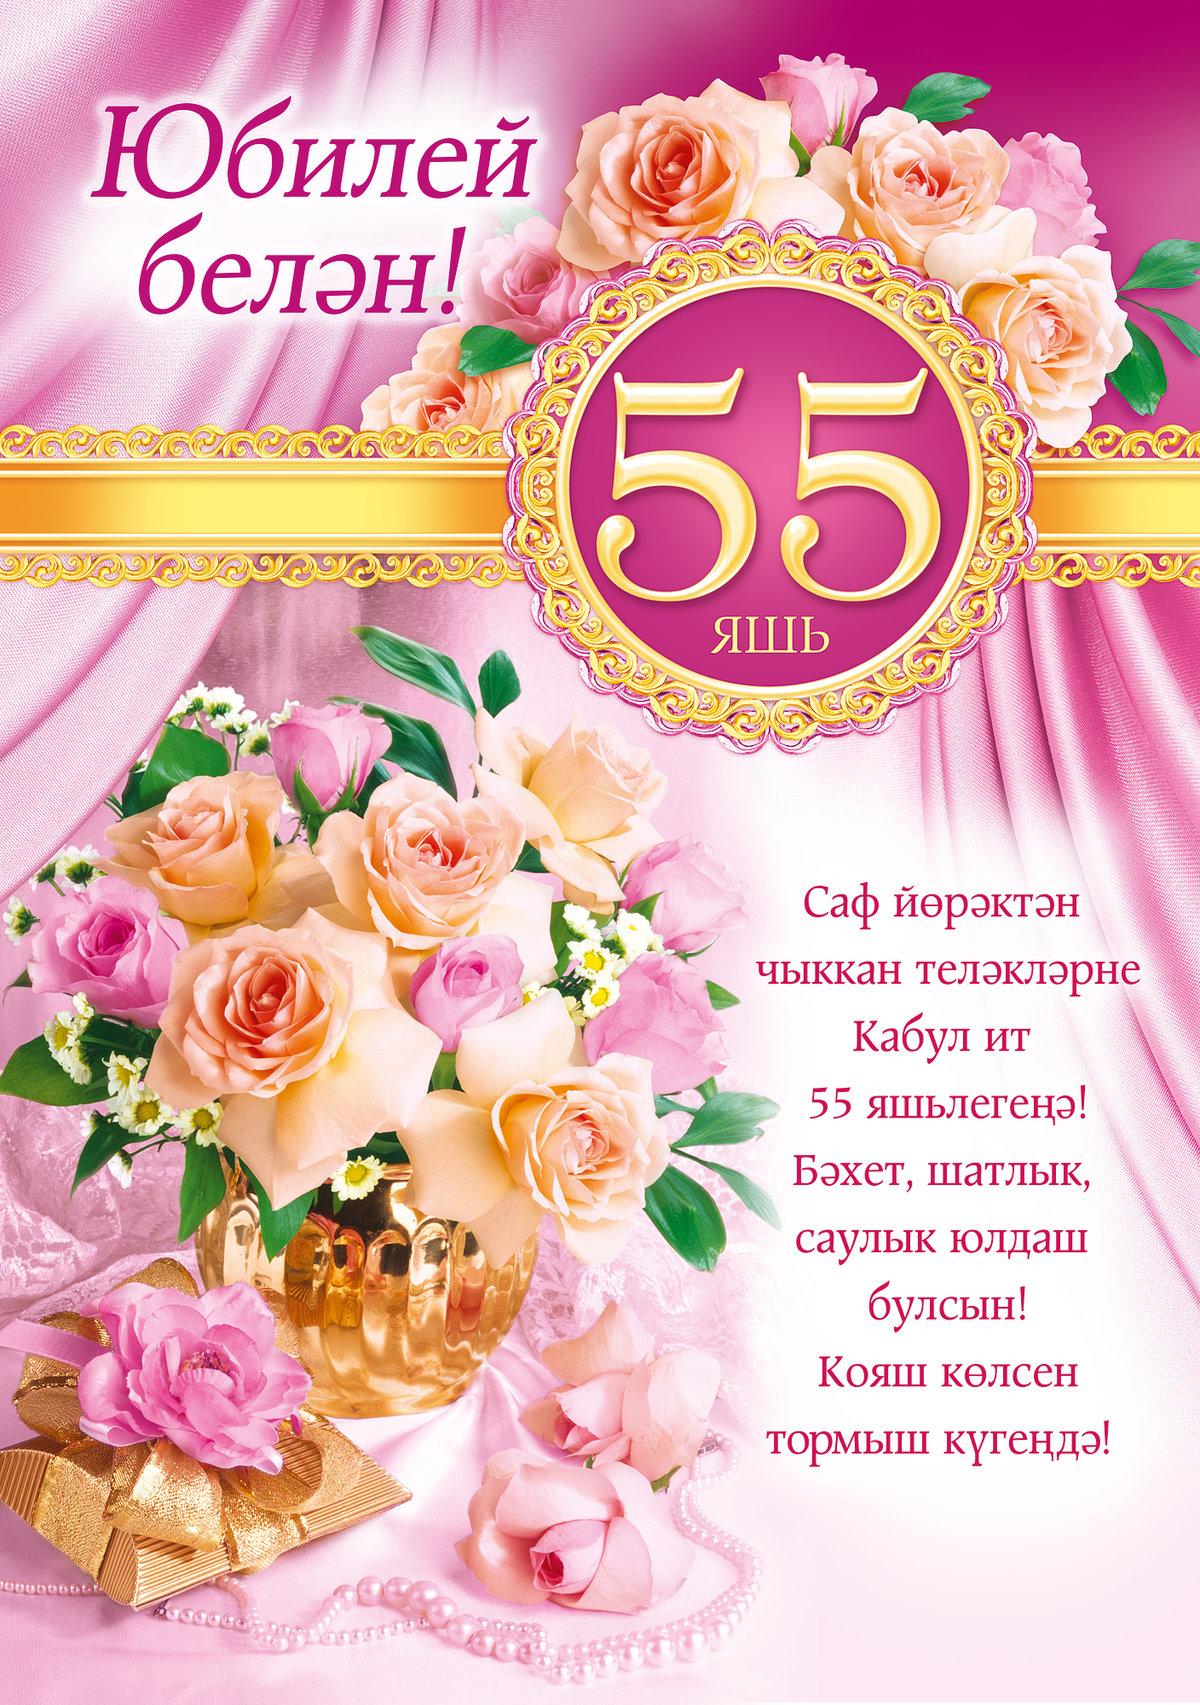 С юбилеем 55 лет картинки и открытки, поздравление днем рождения